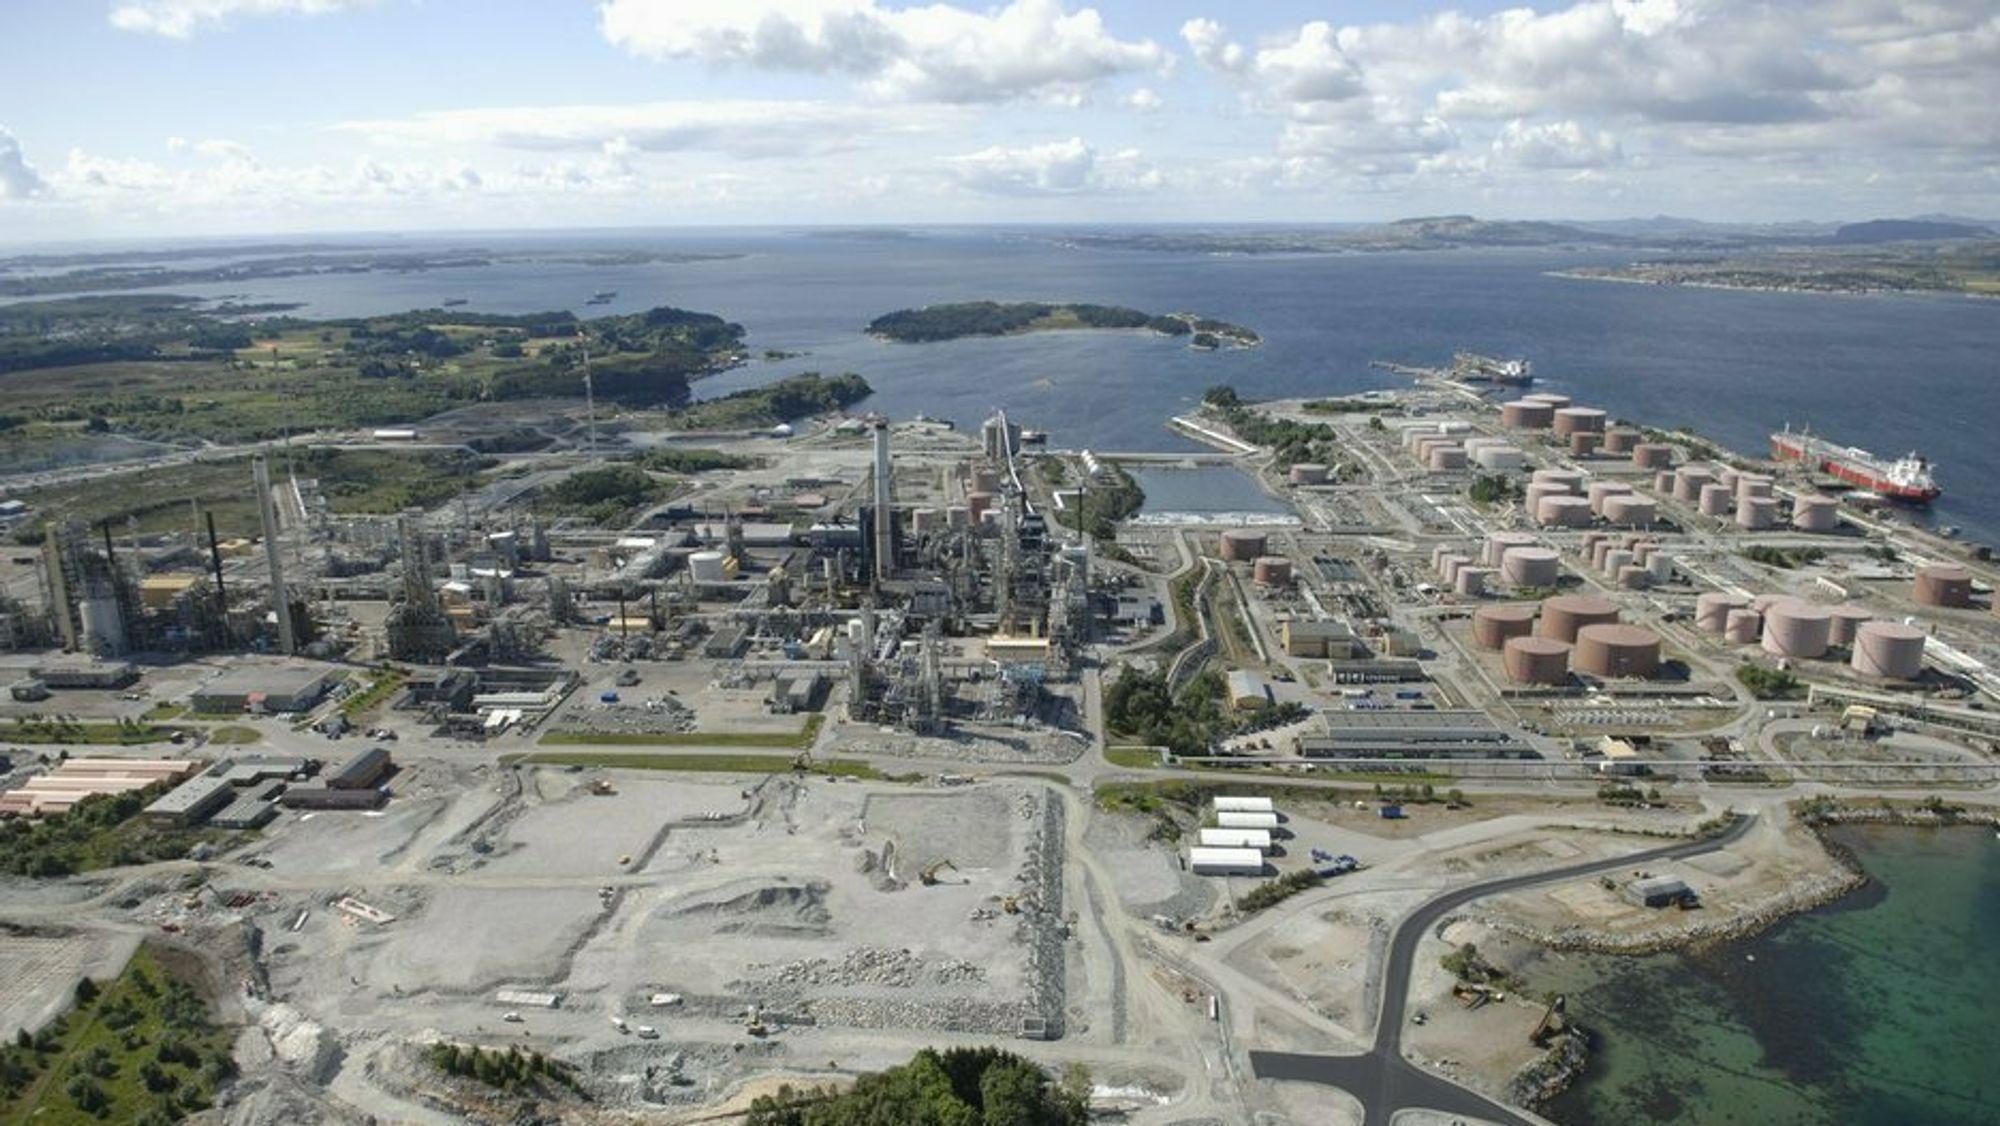 Norges største oljeraffineri ligger på Mongstad og har over tusen ansatte.